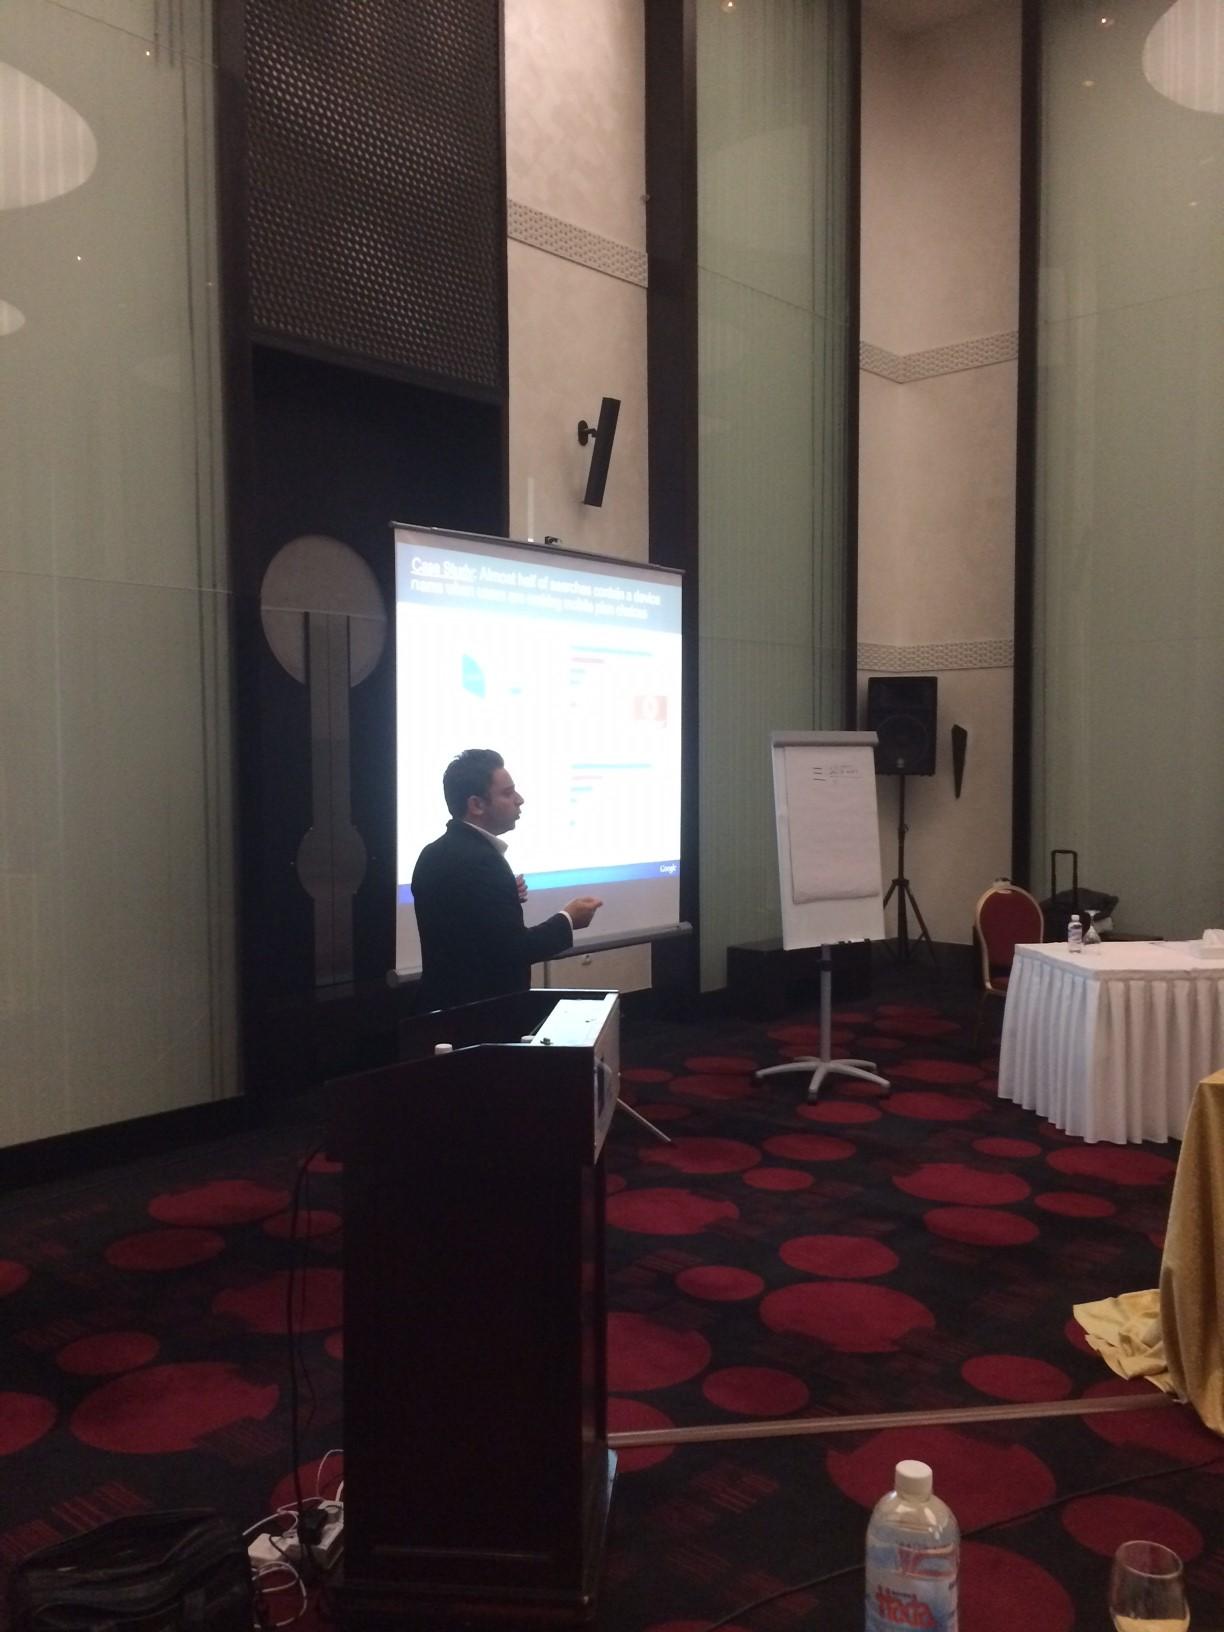 initiative-ksa-hosts-digital-workshop-for-mobily